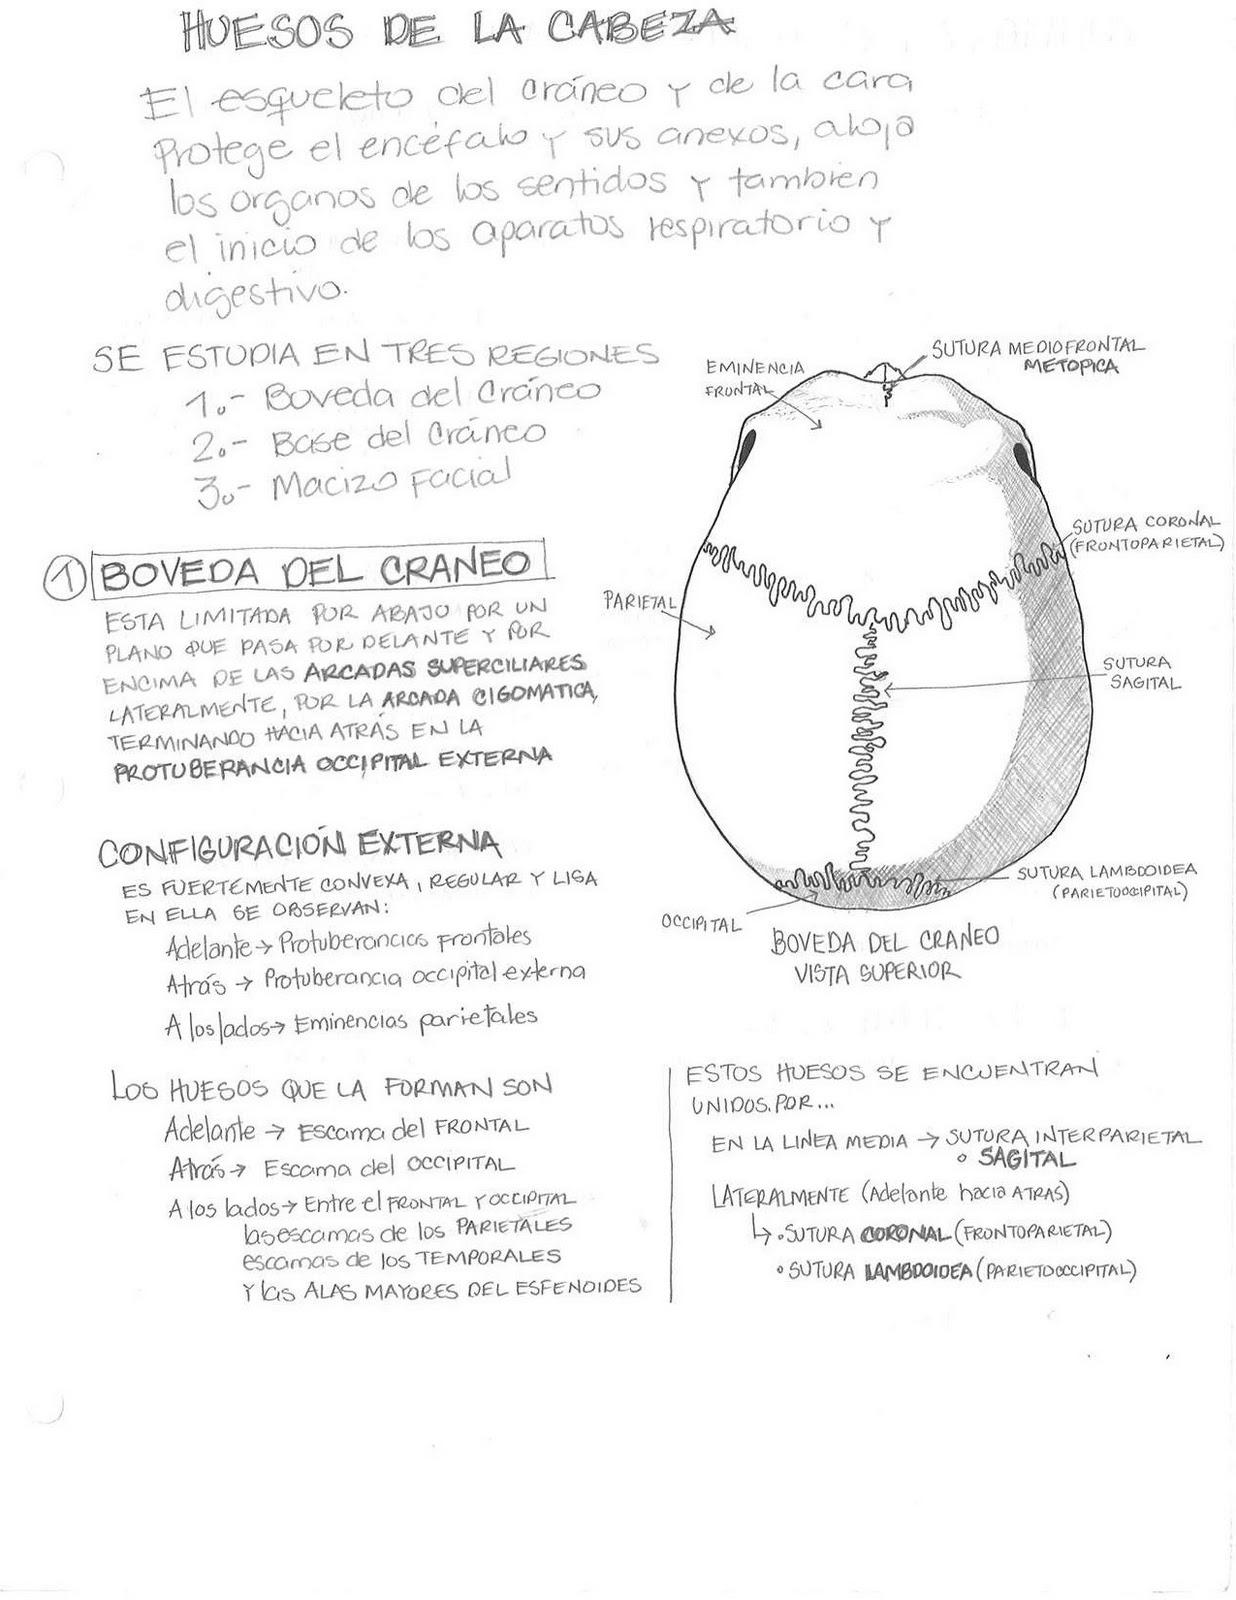 Anatomía Humana... Para Humanos: Sistema Oseo - Bóveda del Cráneo